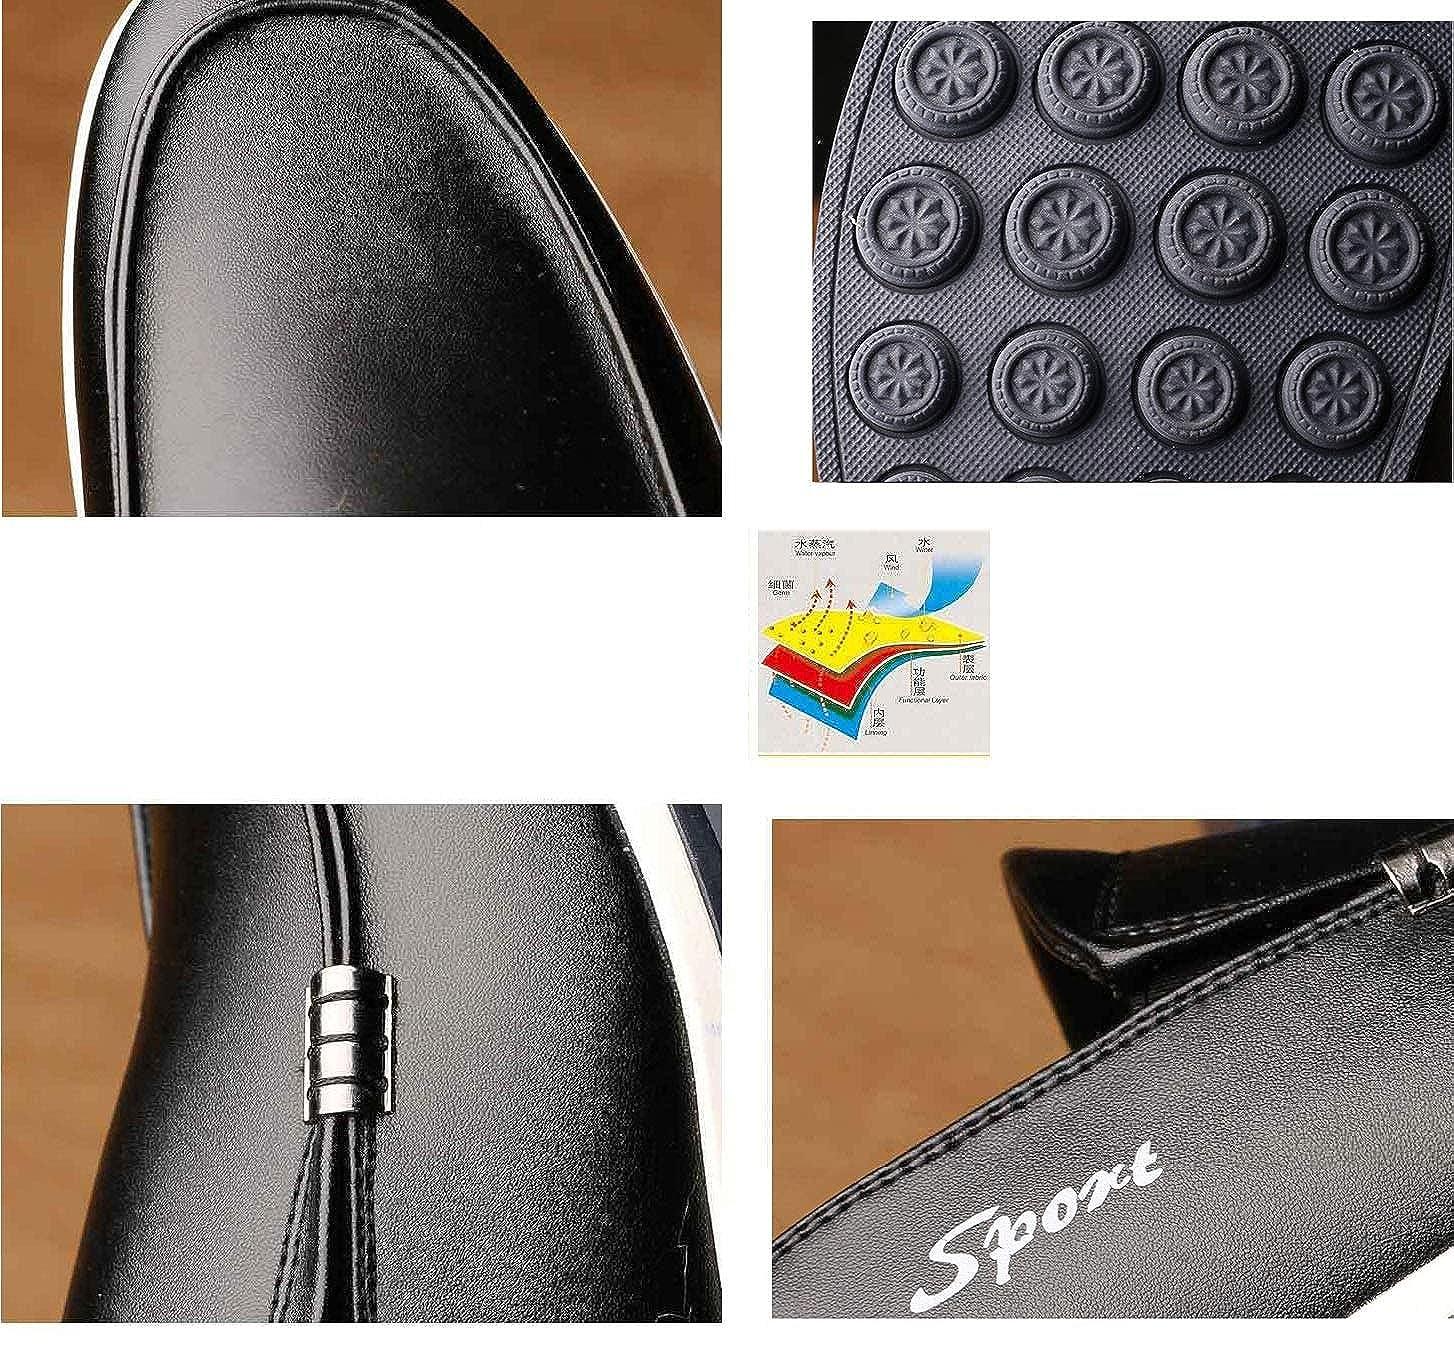 YAN Herren Lederschuhe Casual Fashion Frühjahr Flach & Herbst Loafers Schuhe Flach Frühjahr Fahr Schuhe Hochzeit Casual Party & Abend Ein 923364